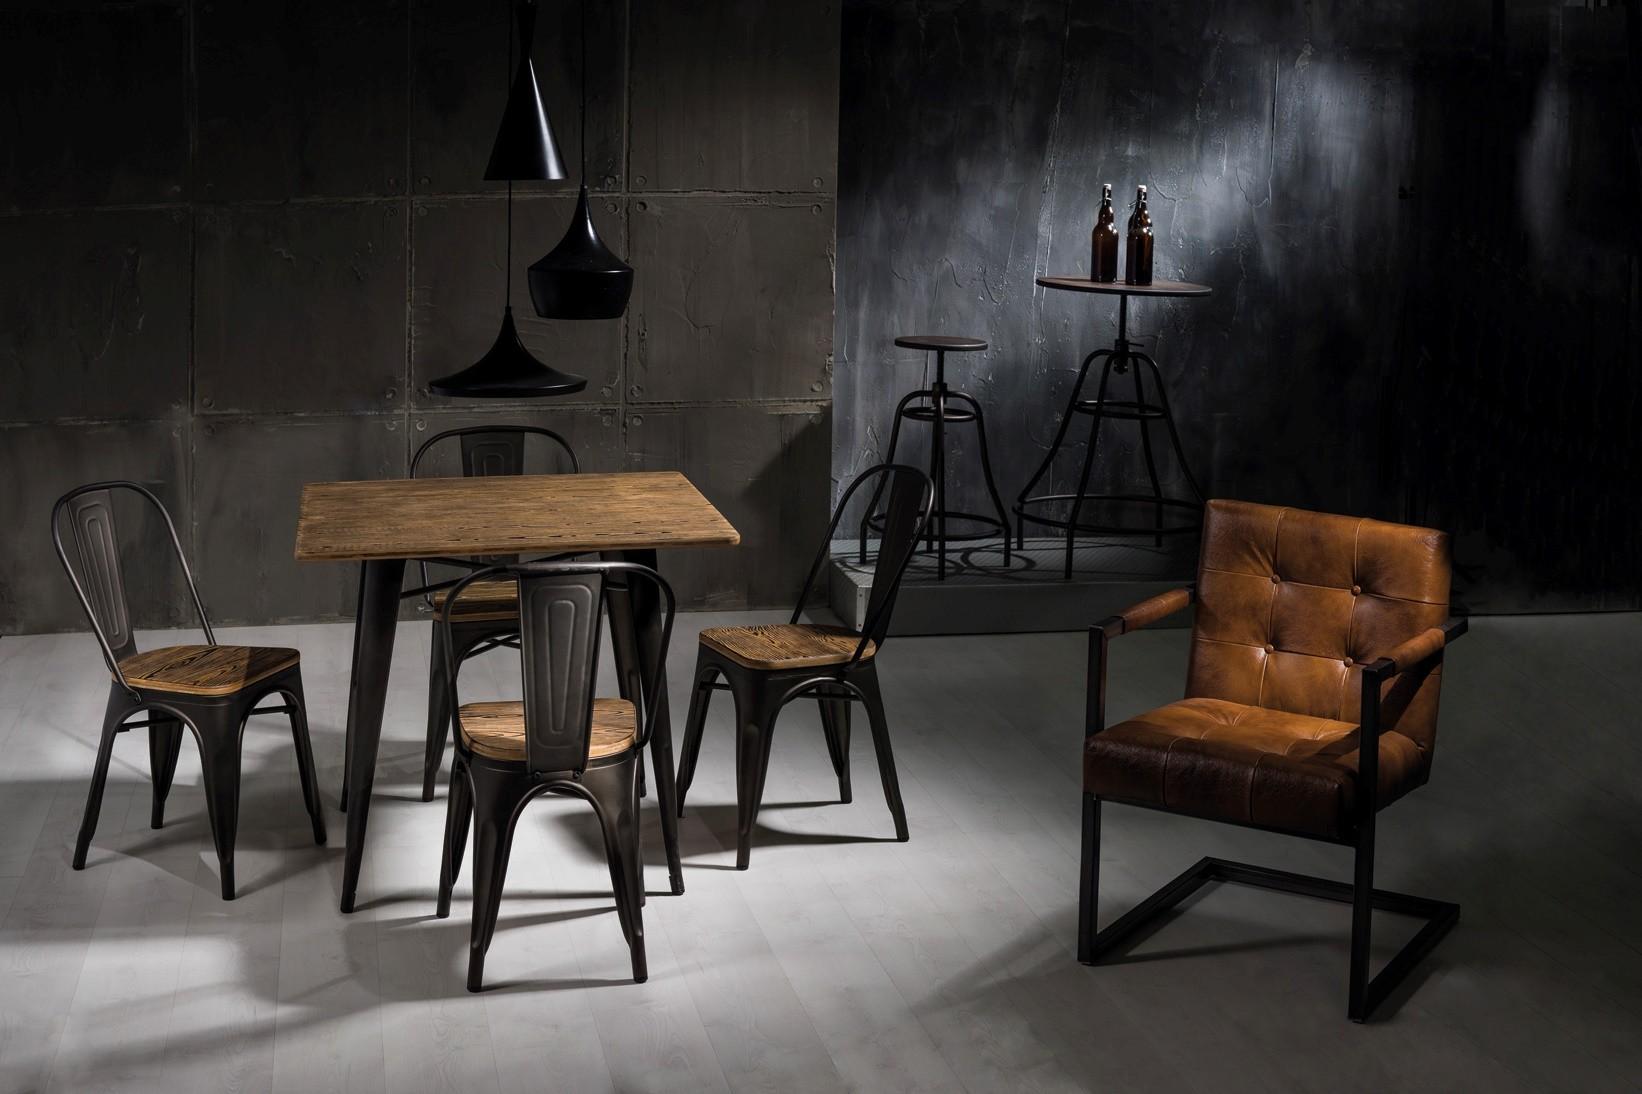 Традиционные стулья в стиле лофт: особенности и рекомендации по выбору